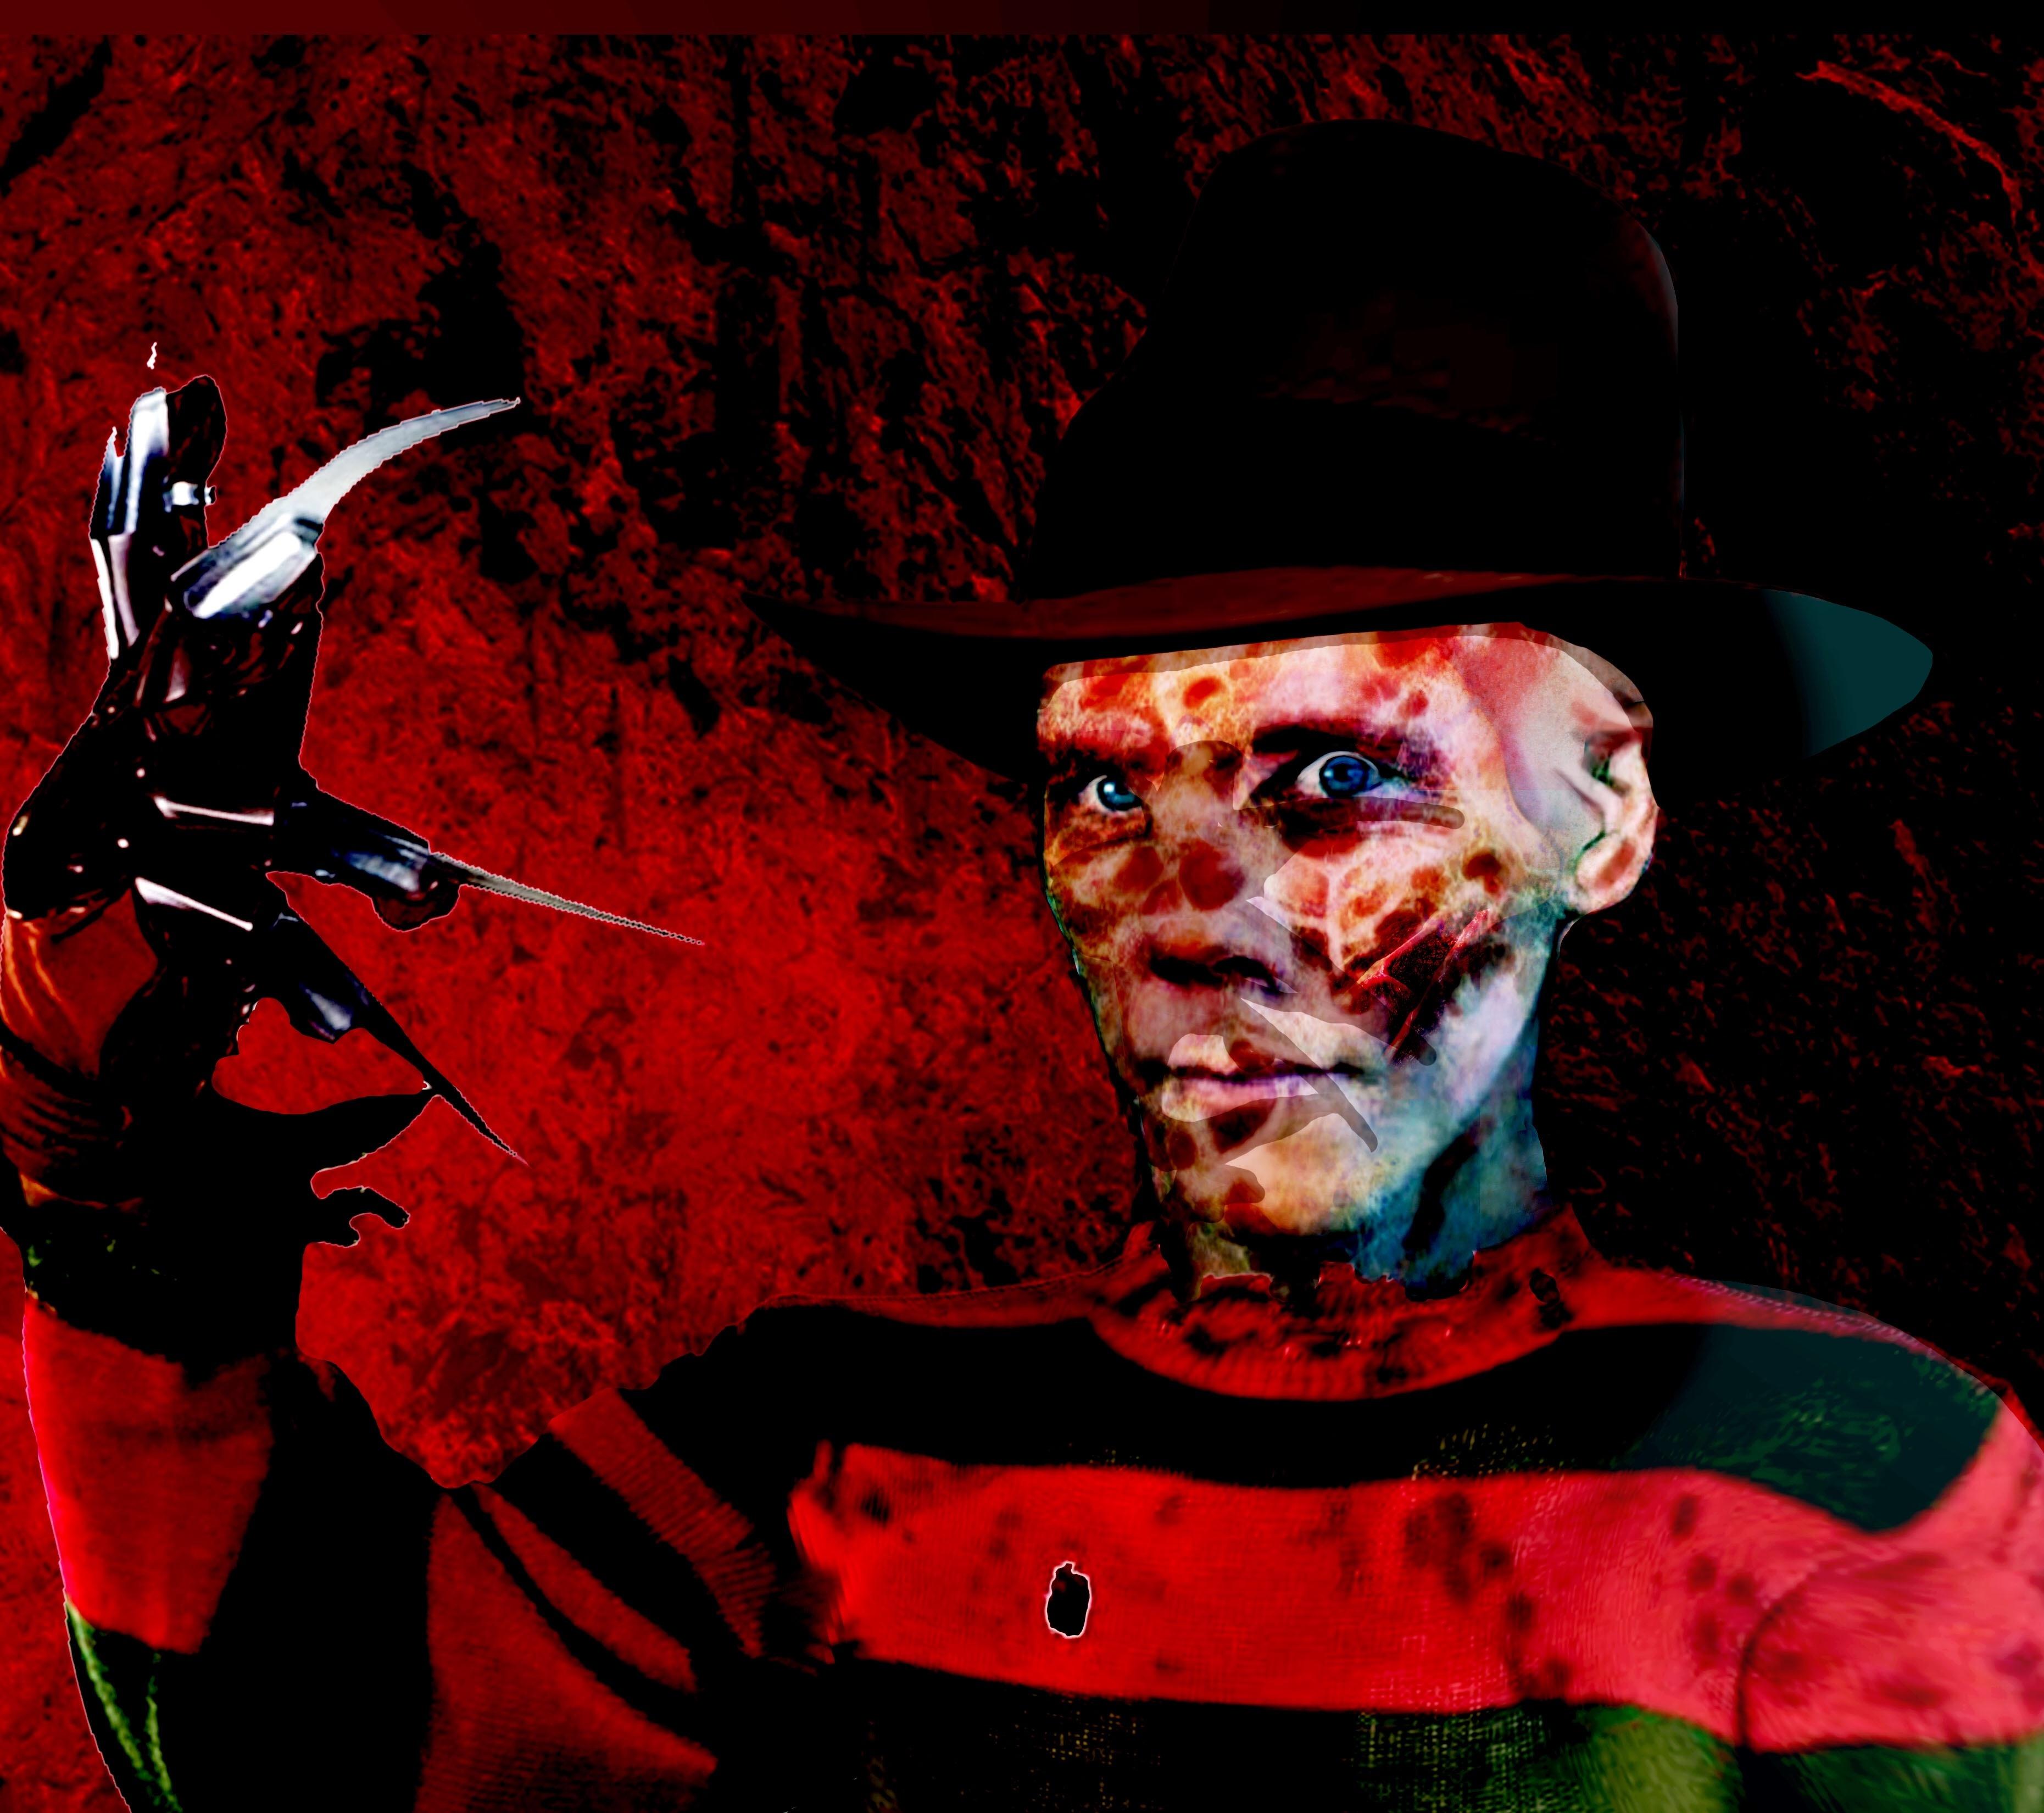 Freddy Krueger Costume |How Did Freddy Krueger Die